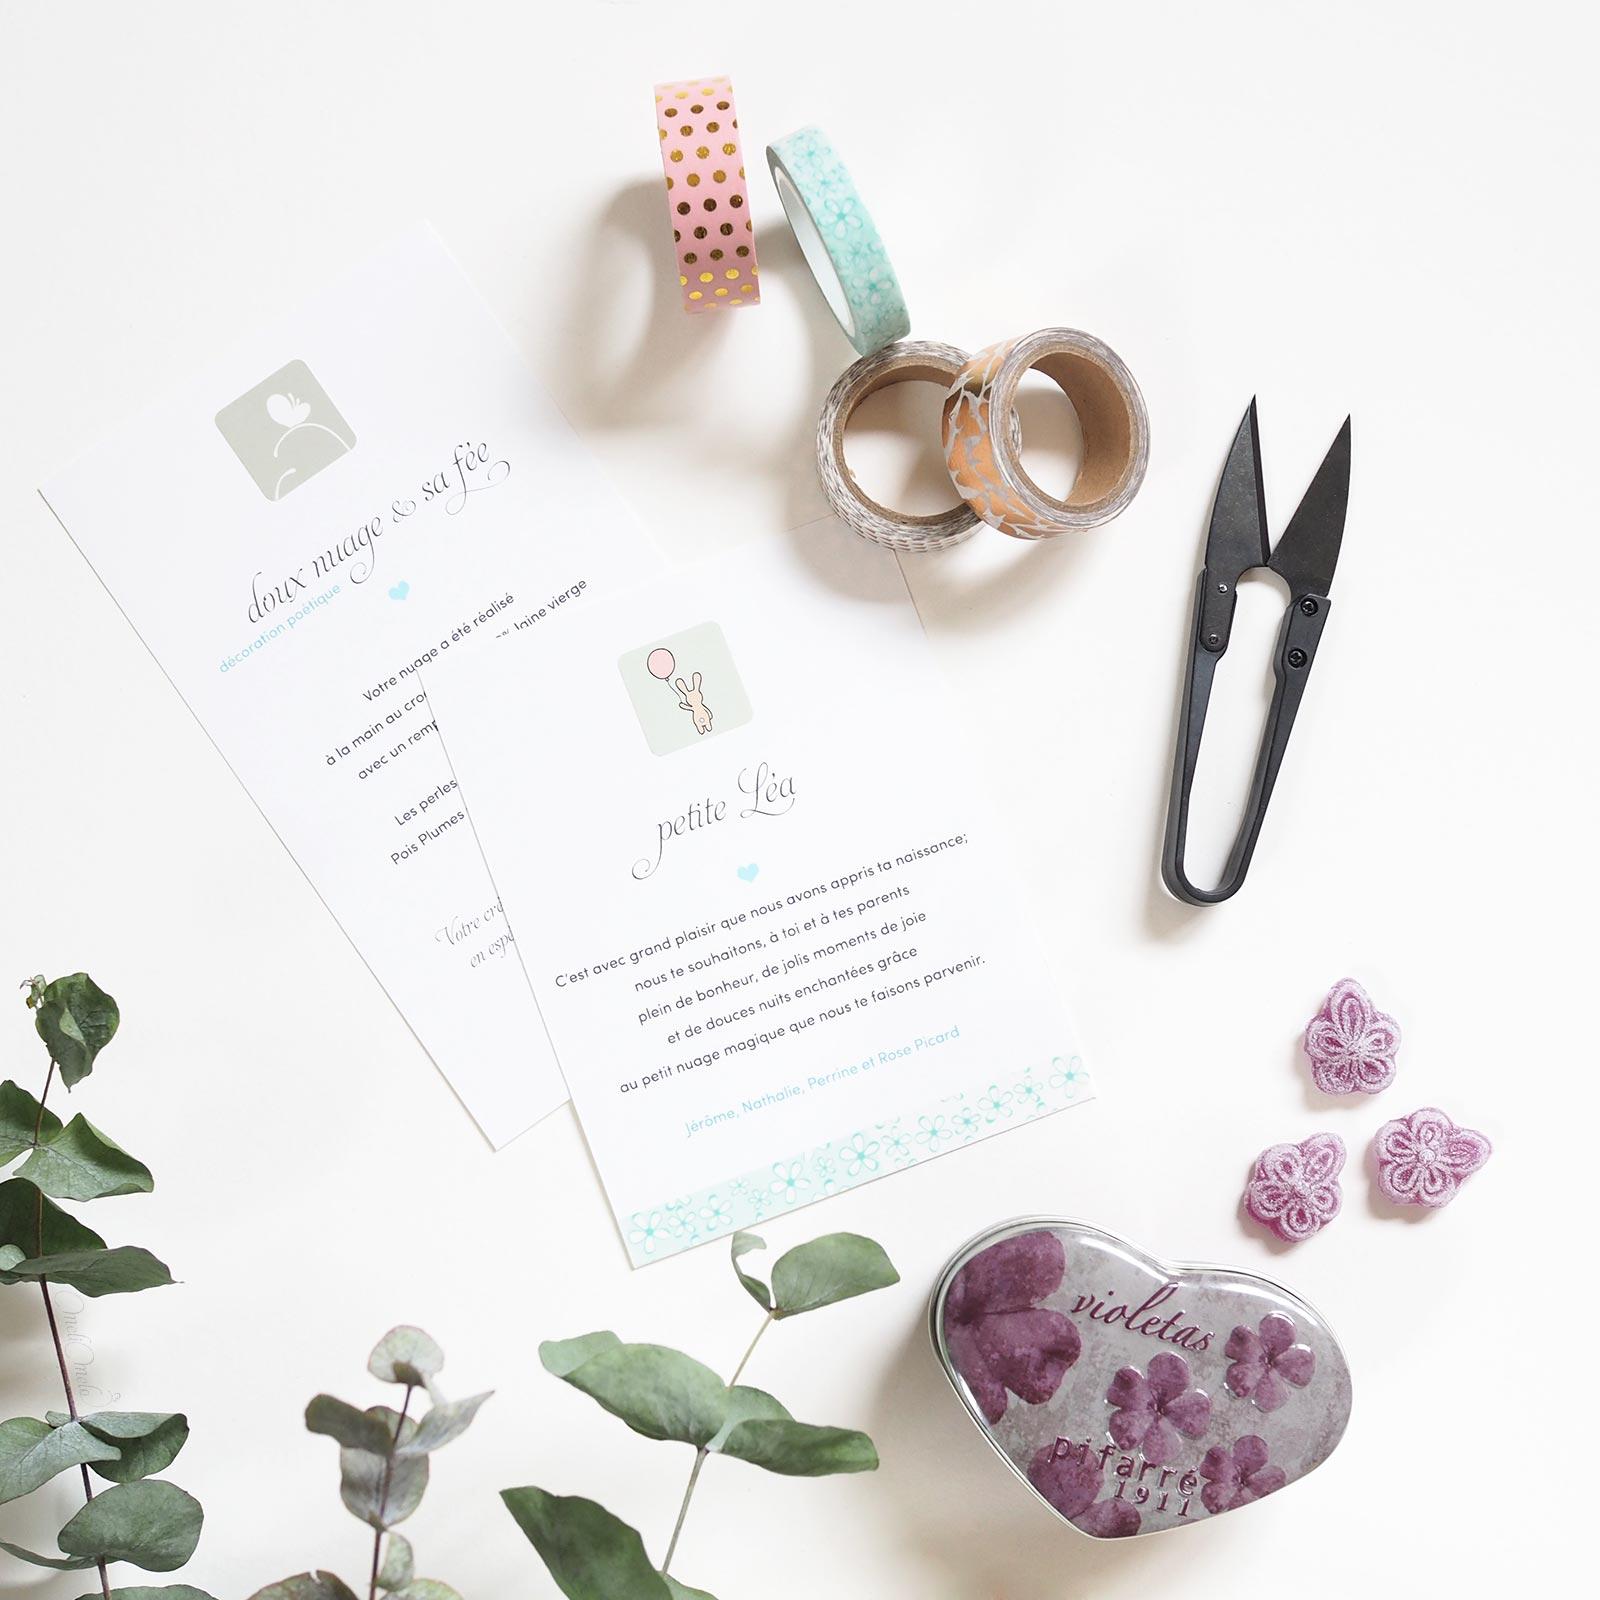 personnalisation cadeau naissance suspension ange nuage violettes laboutiquedemelimelo